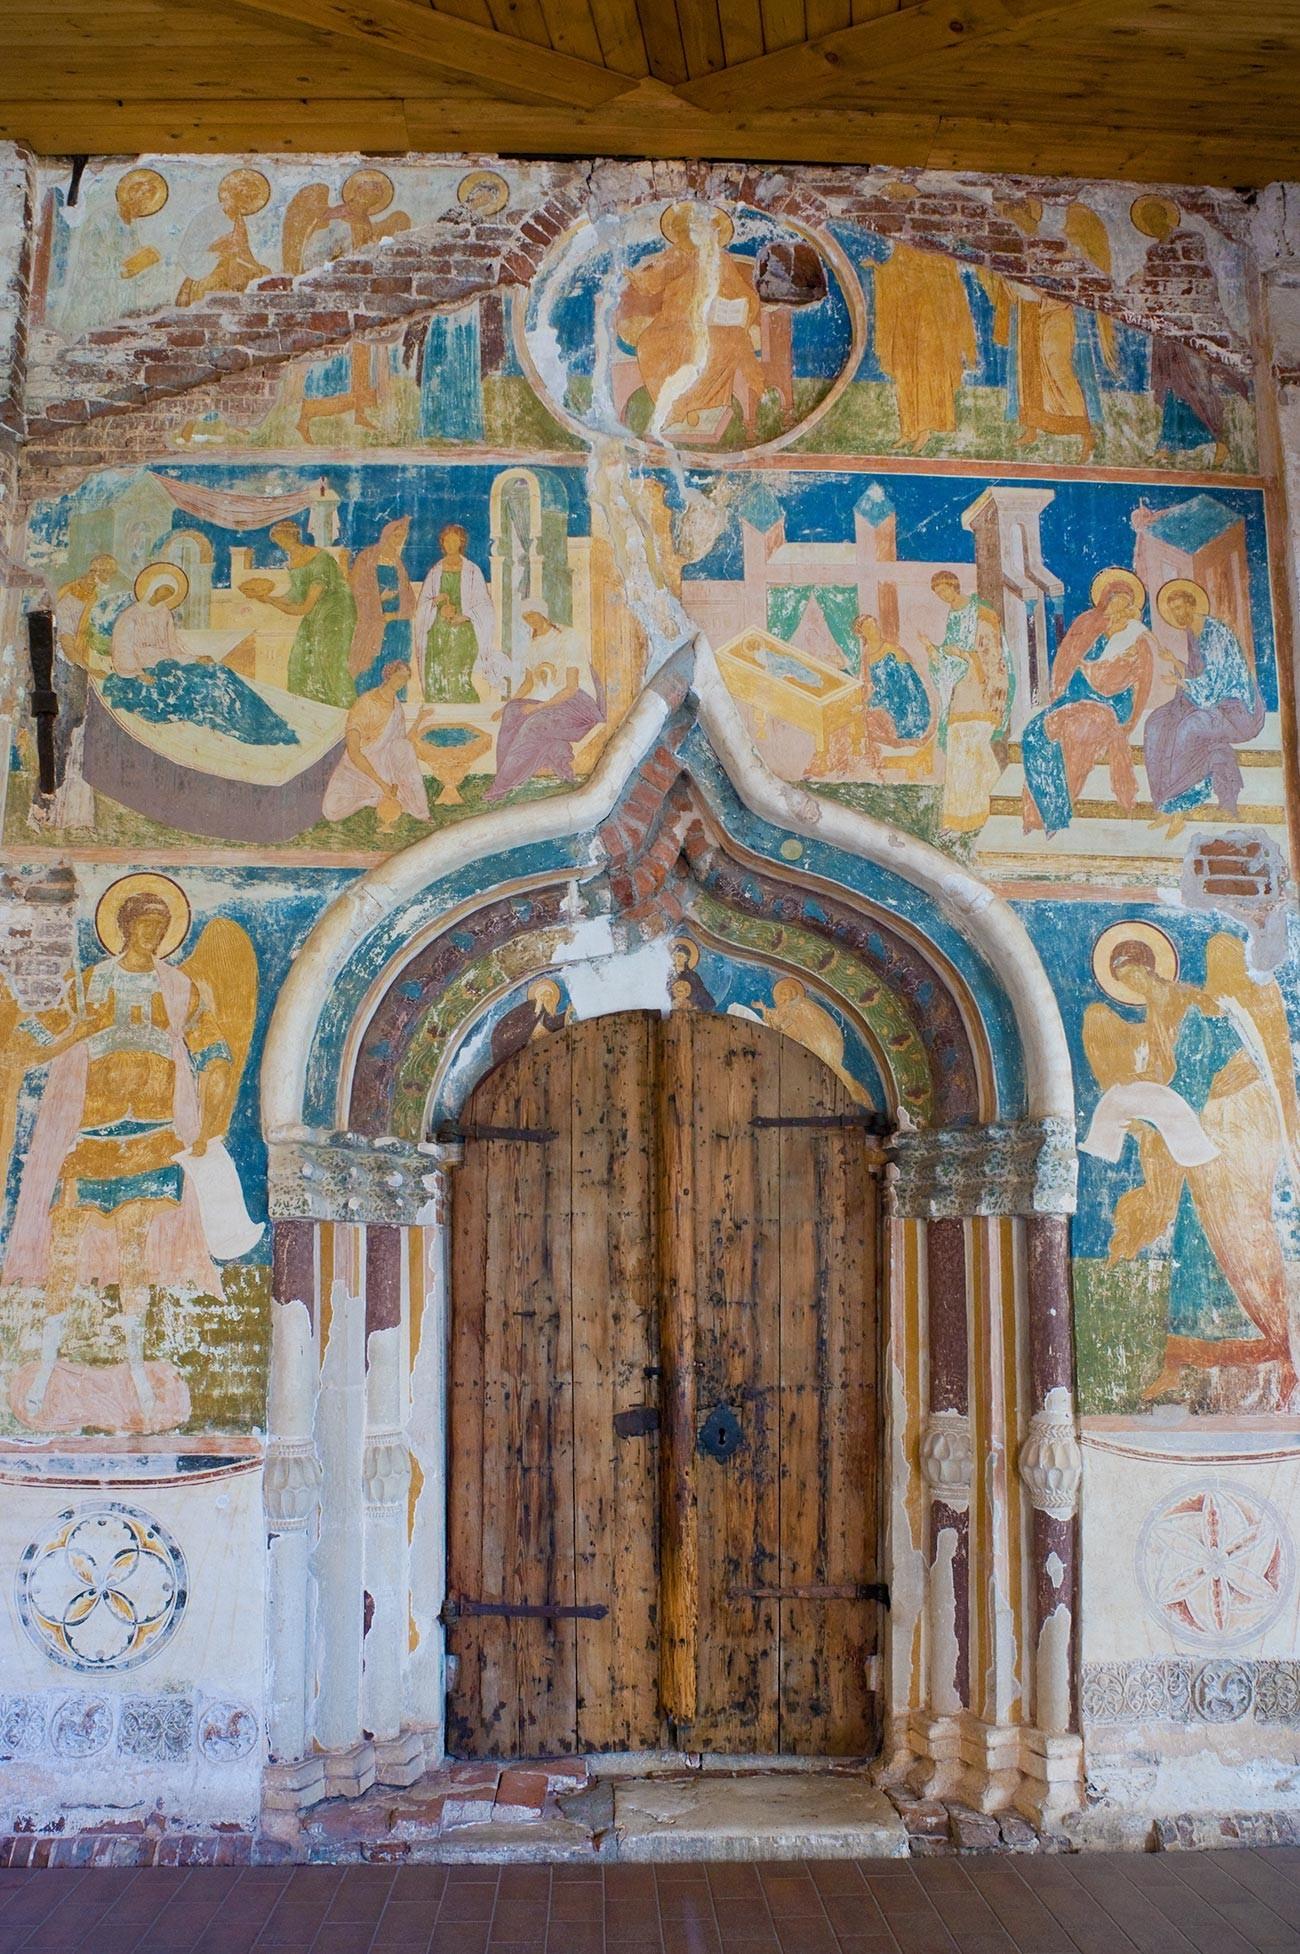 Katedrala Rojstva Device Marije, zahodna fasada. Glavni portal z nadangeloma Mihaelom (levo) in Gabrijelom. Zgoraj: prizori iz rojstva Device Marije. 1. junij 2014